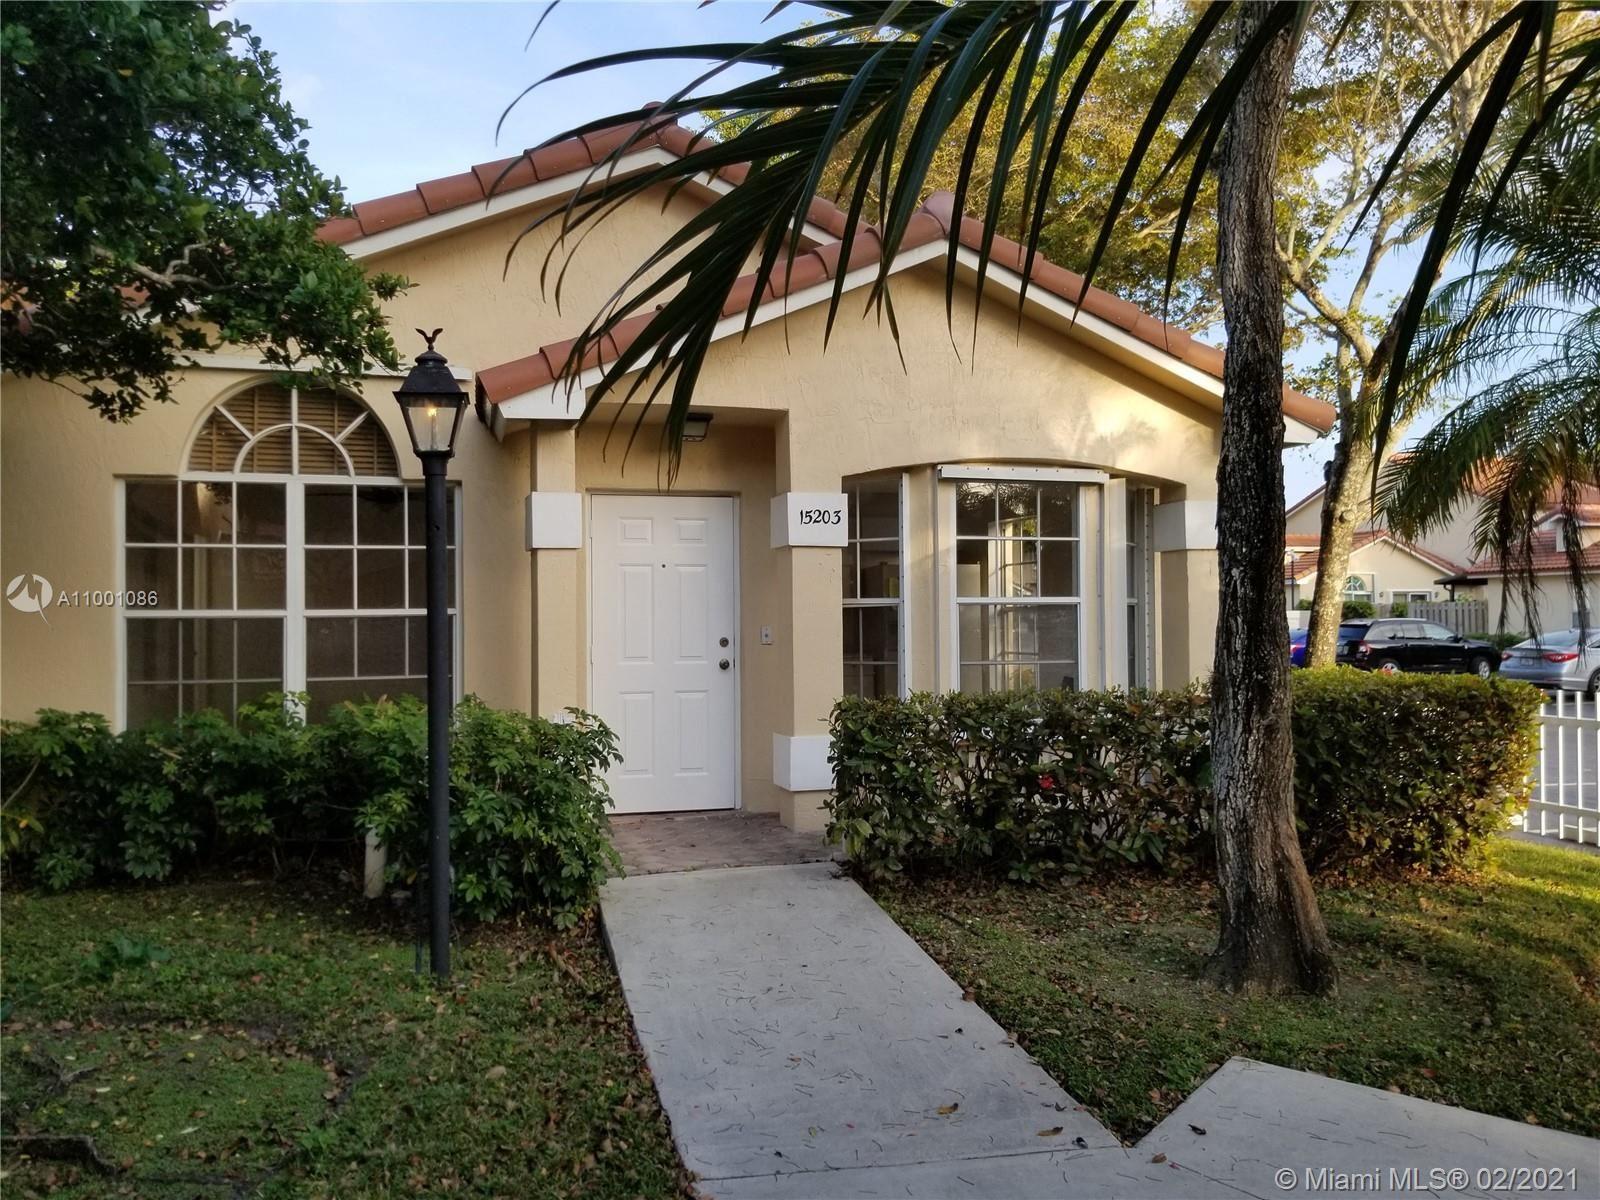 15203 SW 111th St, Miami, FL 33196 - #: A11001086